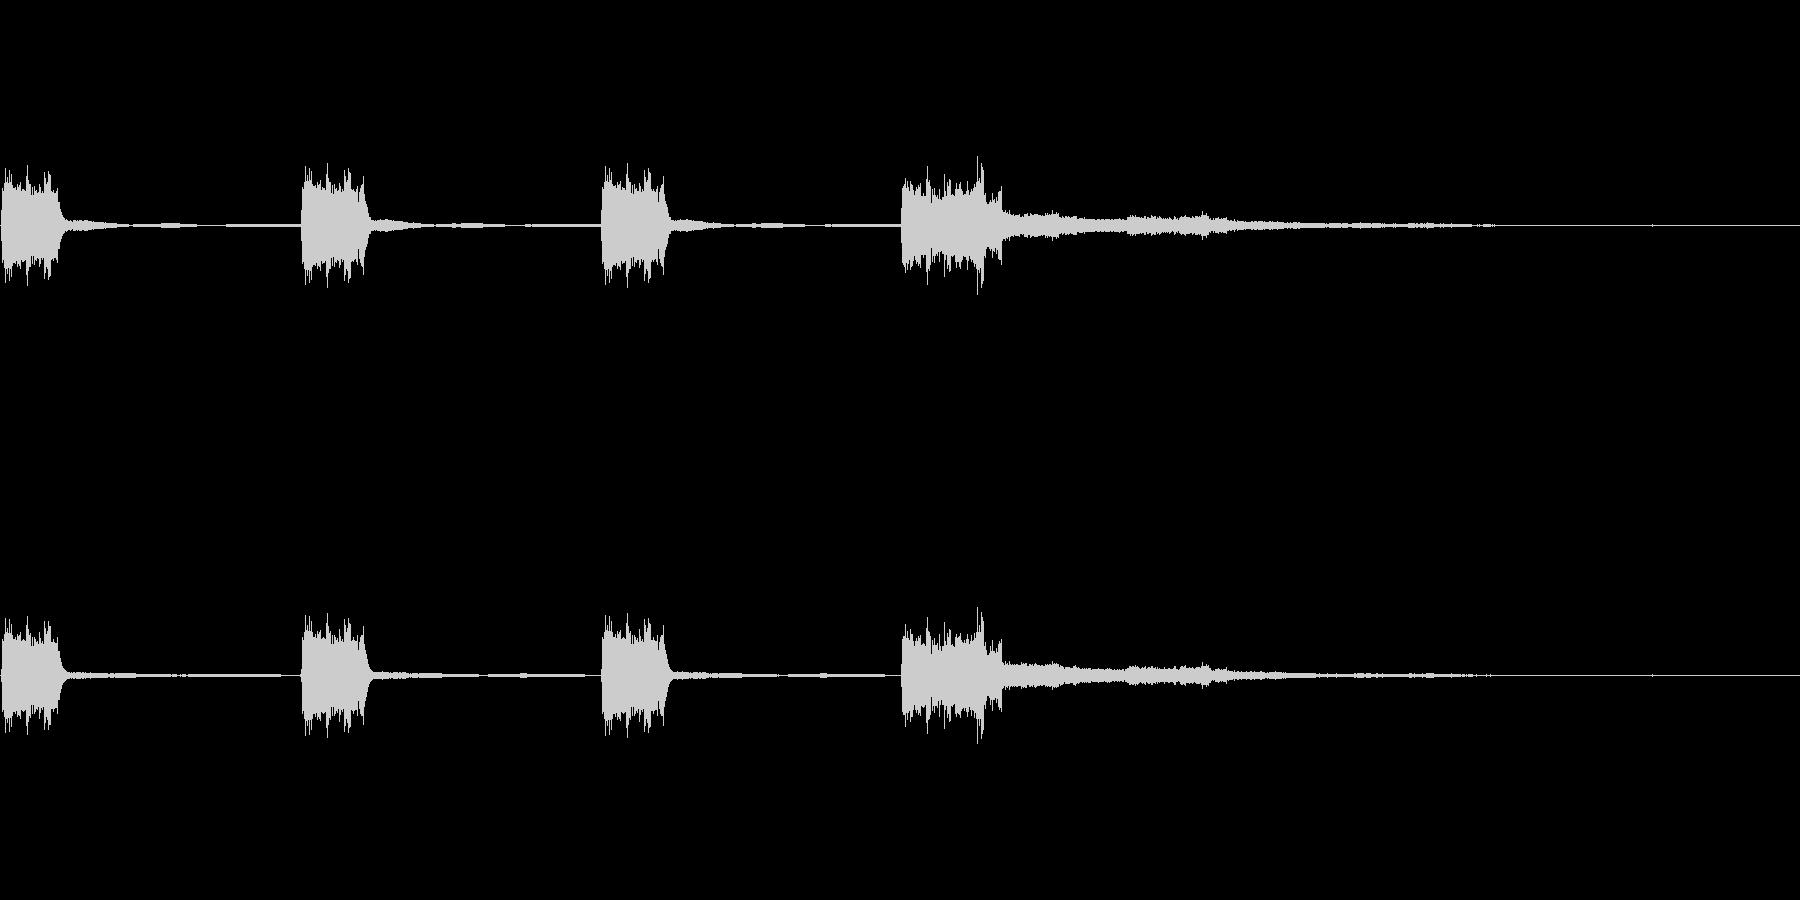 カウントダウン(時報)の音2の未再生の波形